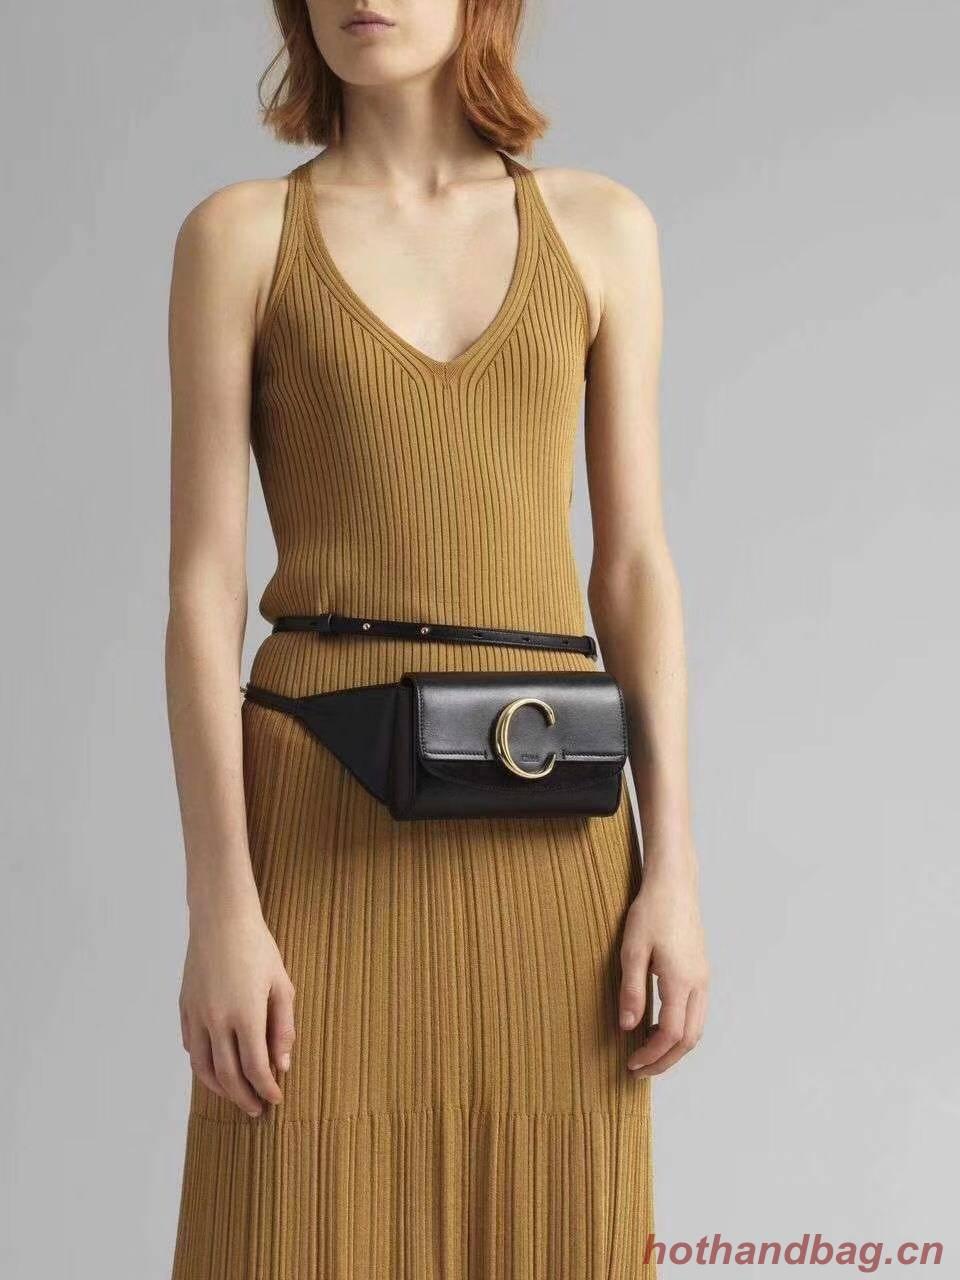 Chloe Original Leather Belt Bag 3S036 black